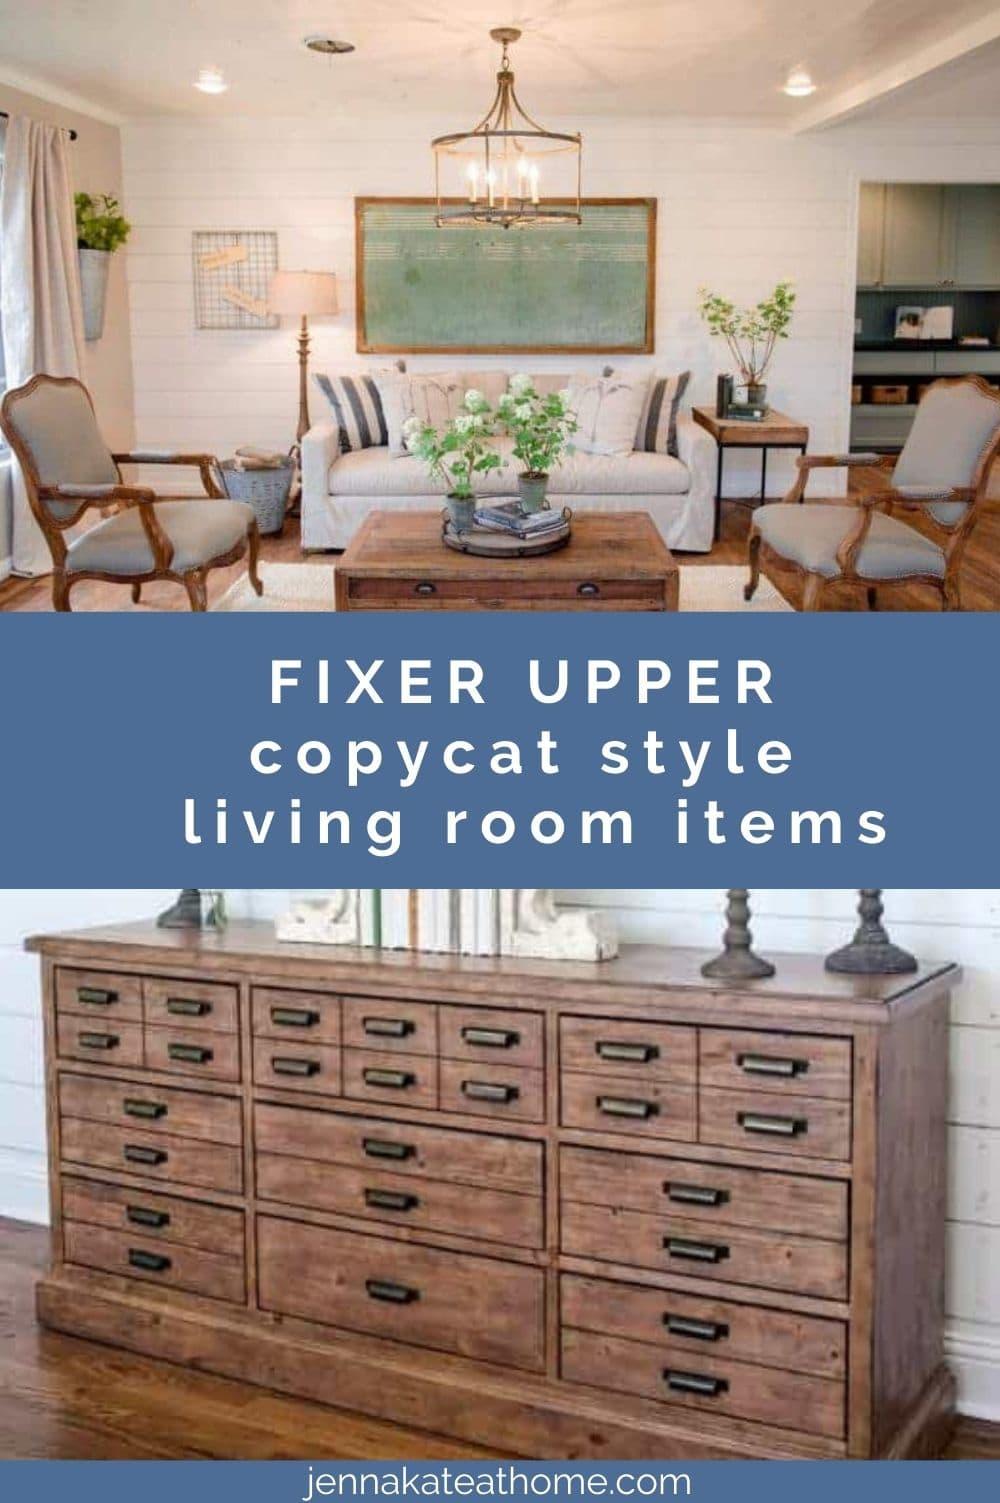 fixer upper style copycat living room